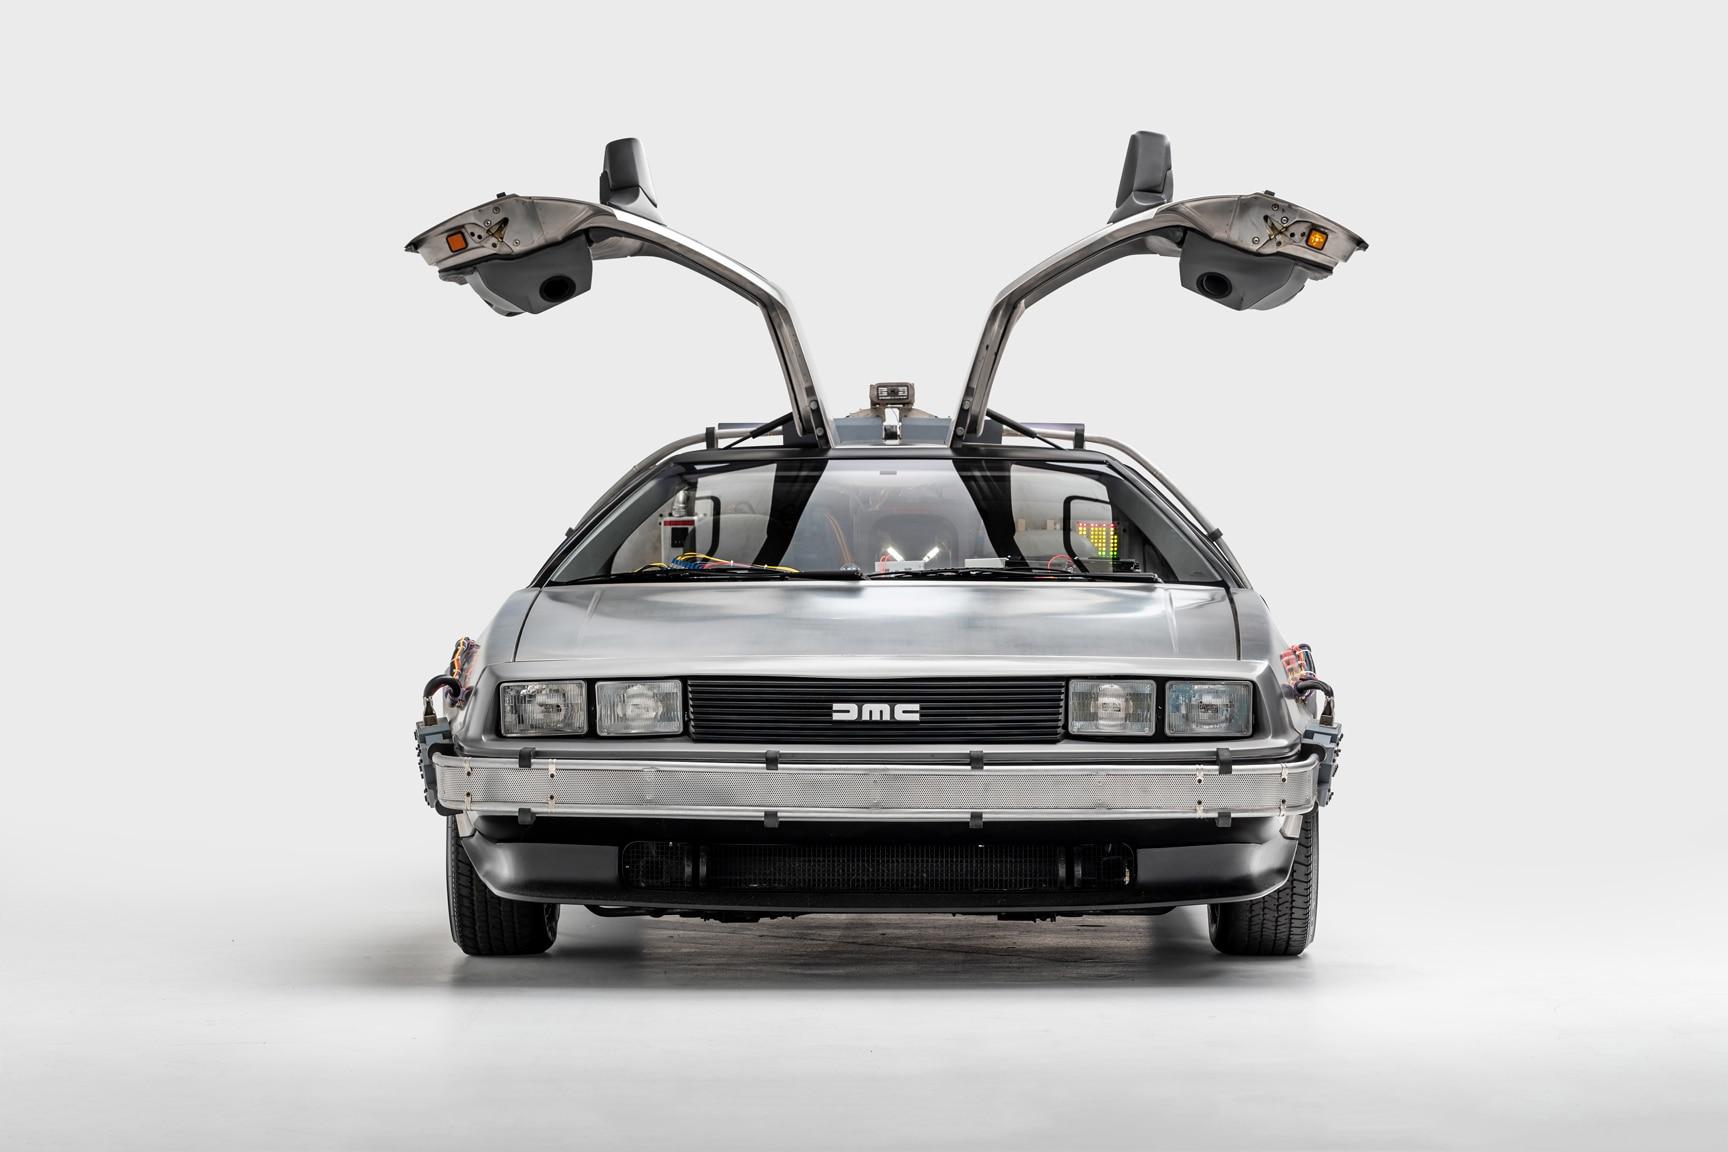 Mostra do Petersen Museum tem carros de filmes de fantasia e ficção científica que marcaram o imaginário, como Batmóvel, DeLoren e até a moto de Tron.